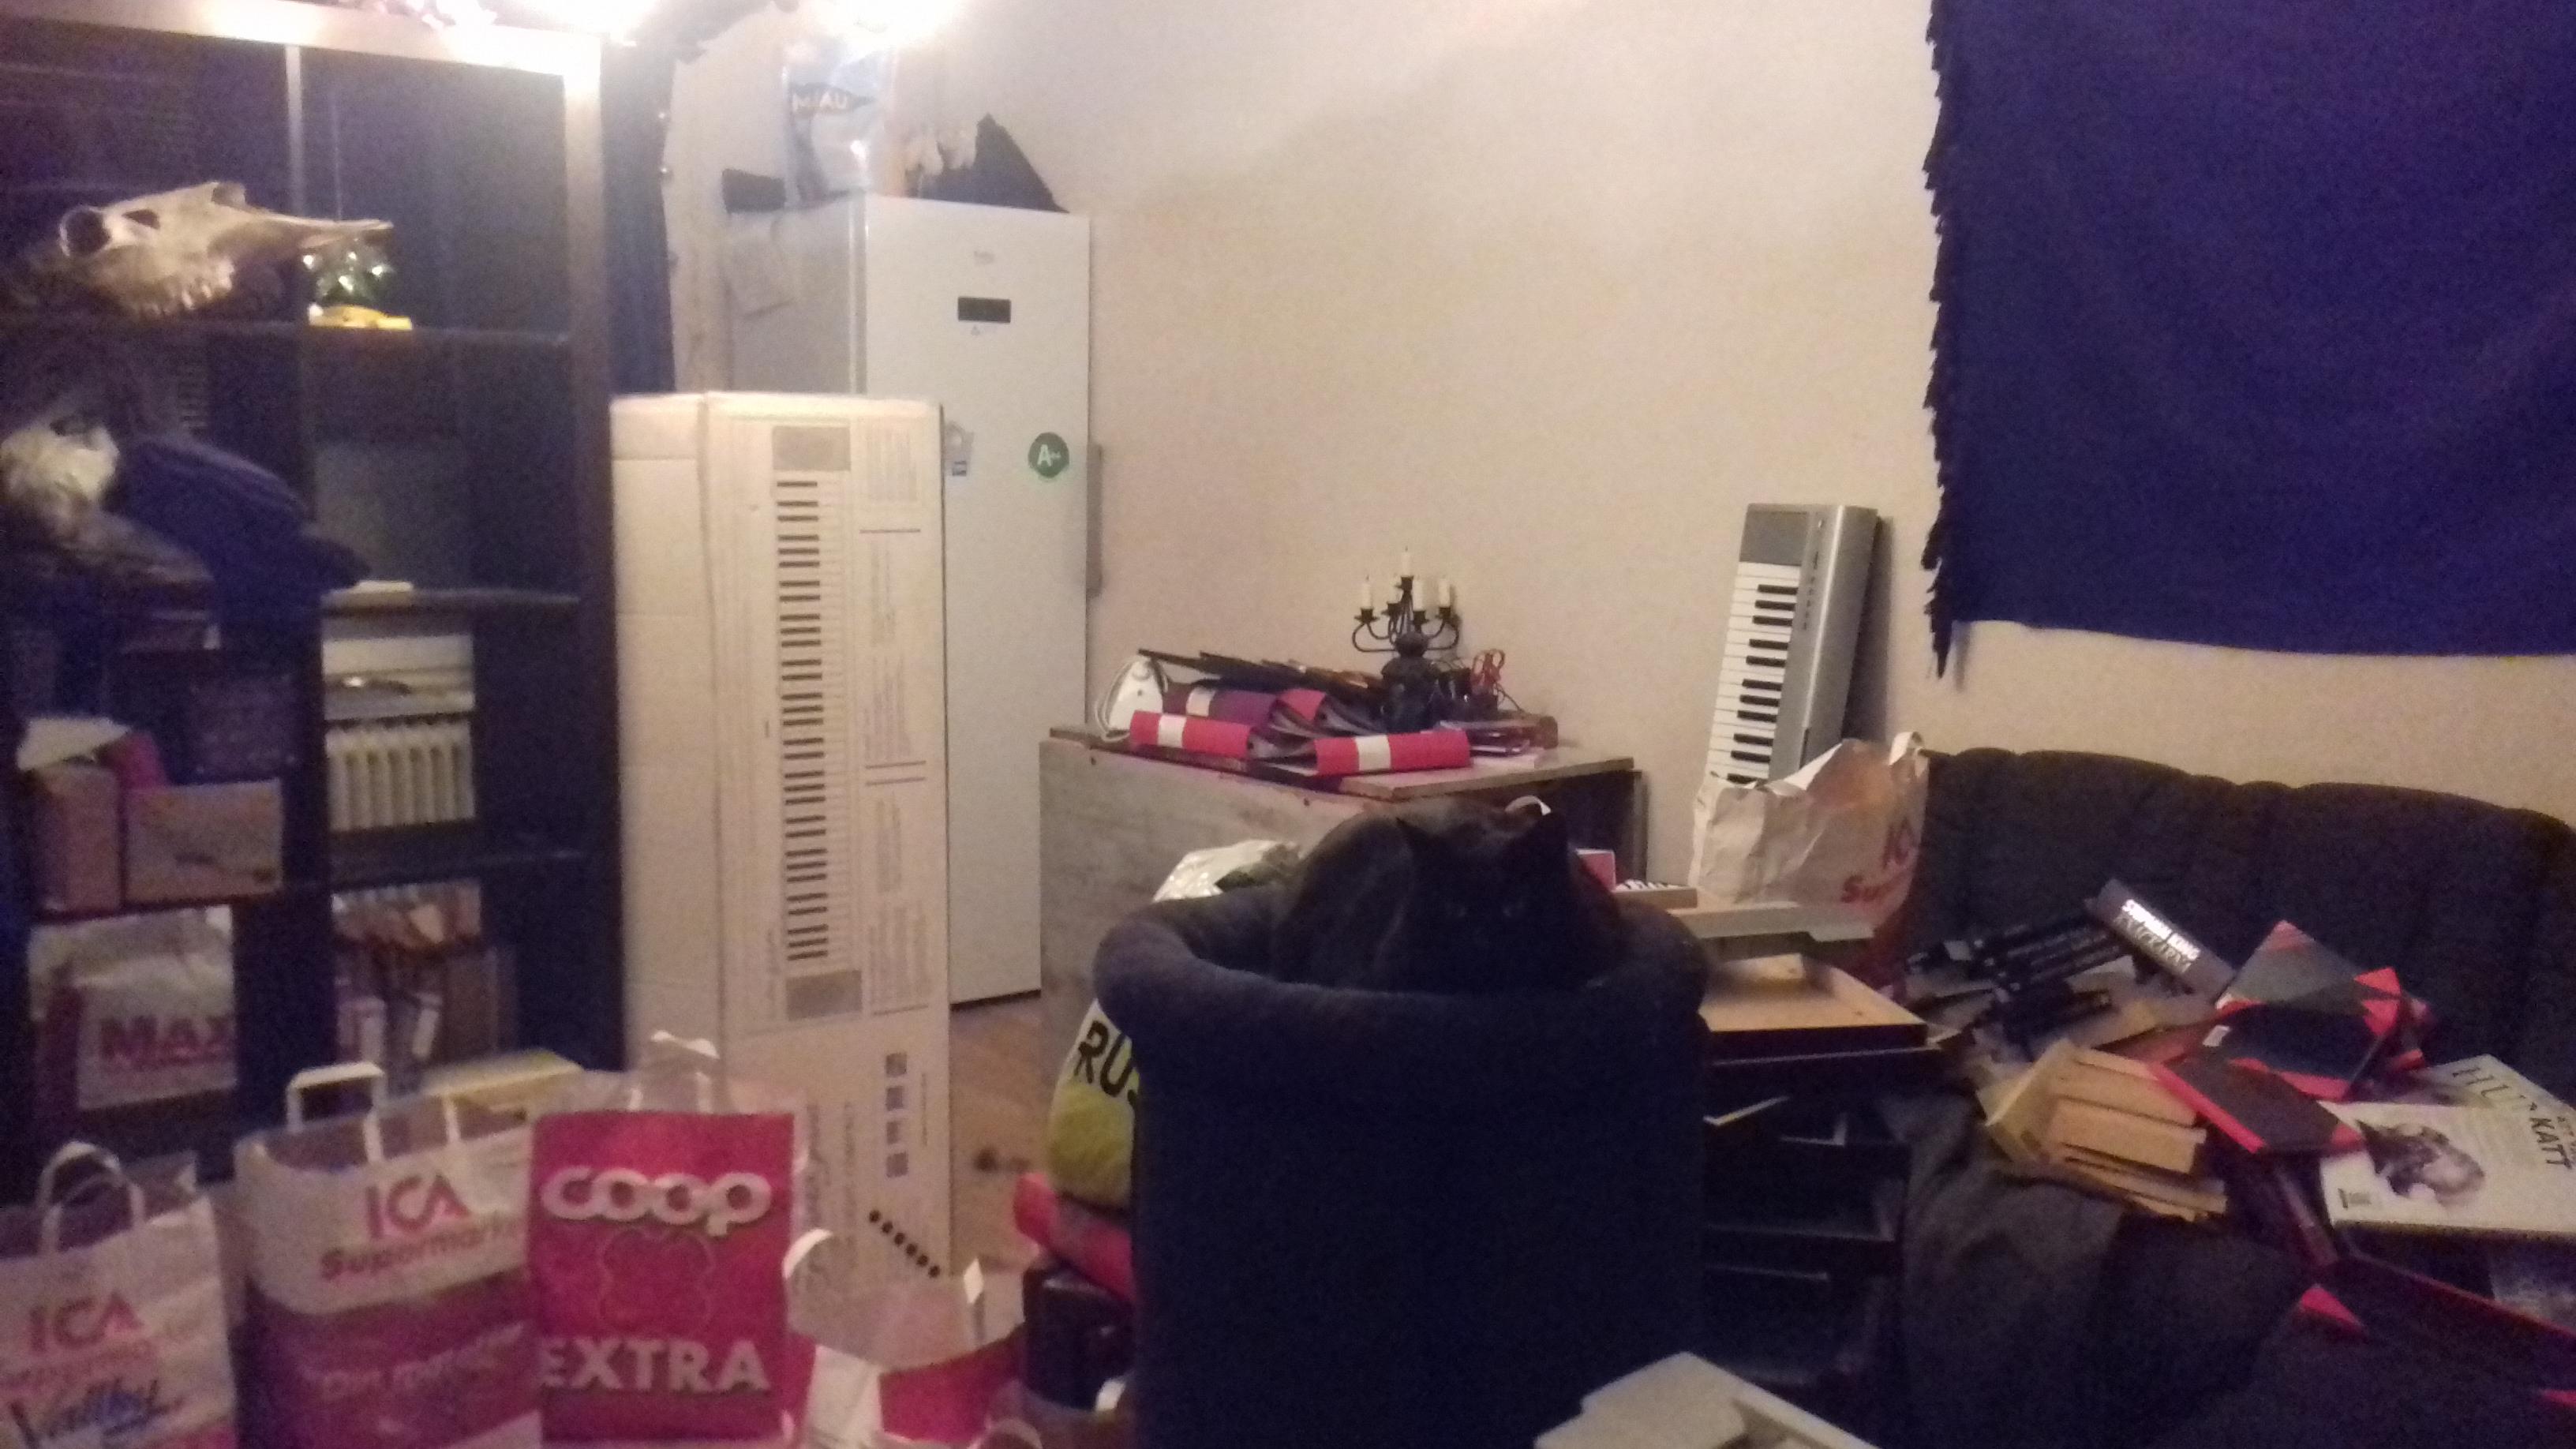 Kaos i mitt vardagsrum - bokkassar precis överallt!